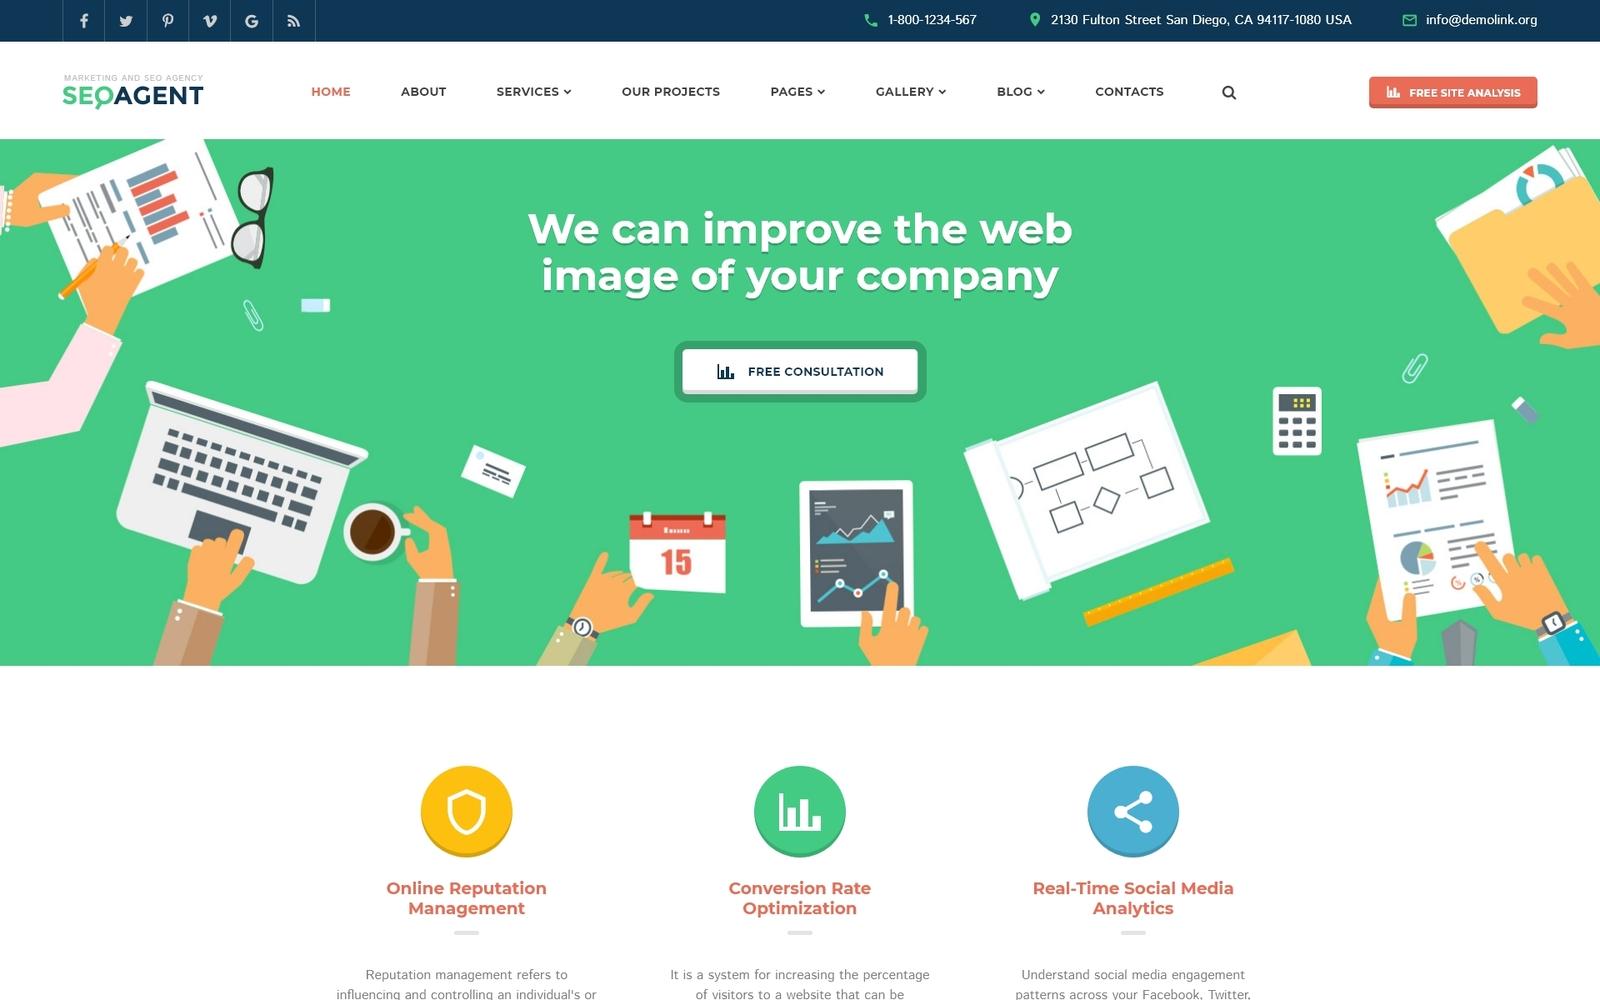 Plantilla Web Responsive para Sitio de SEO #58985 - captura de pantalla